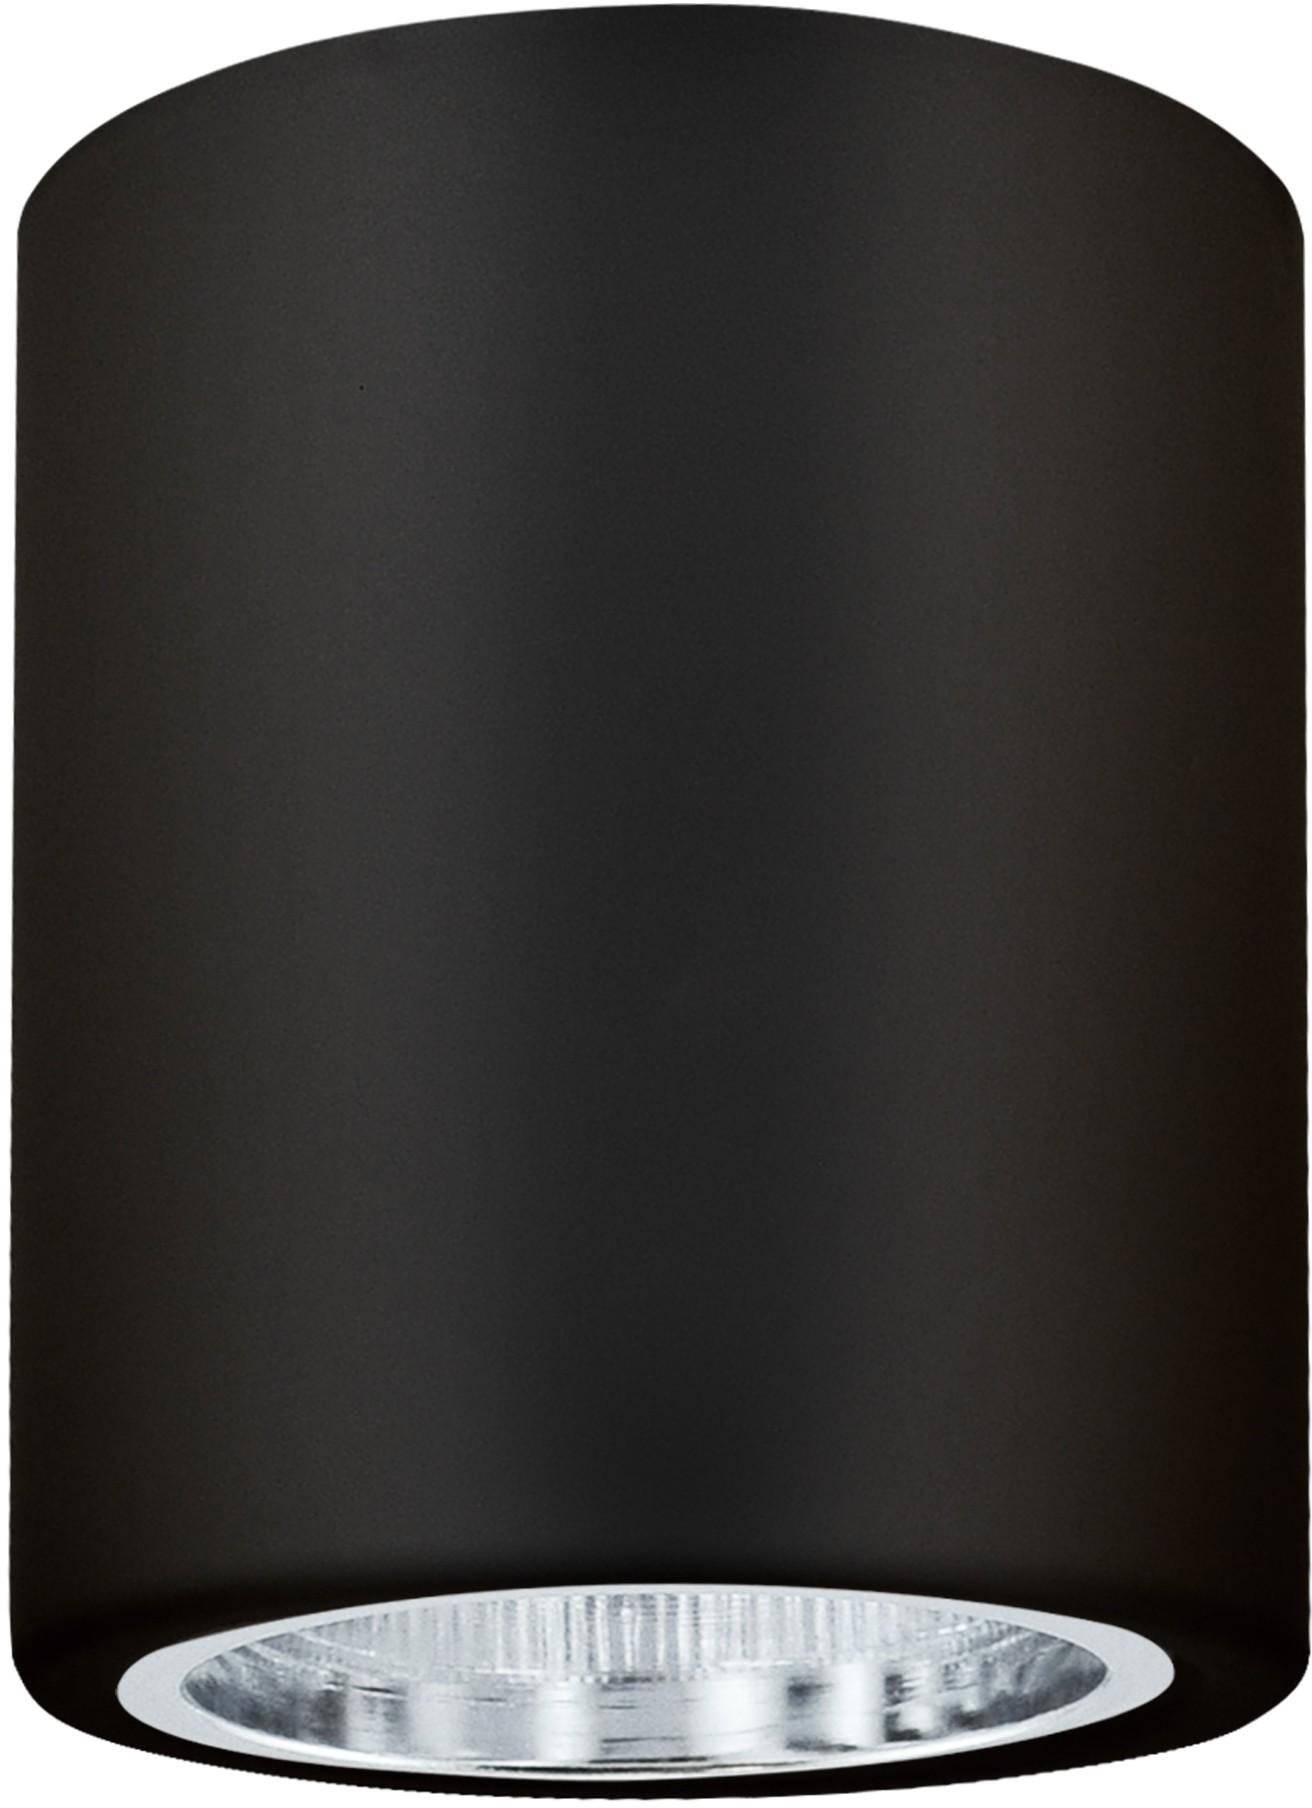 Polux Oprawa natynkowa szer 9,8cm metalowa okrągła JUPITER MD-3011 czarna SANICO 311696